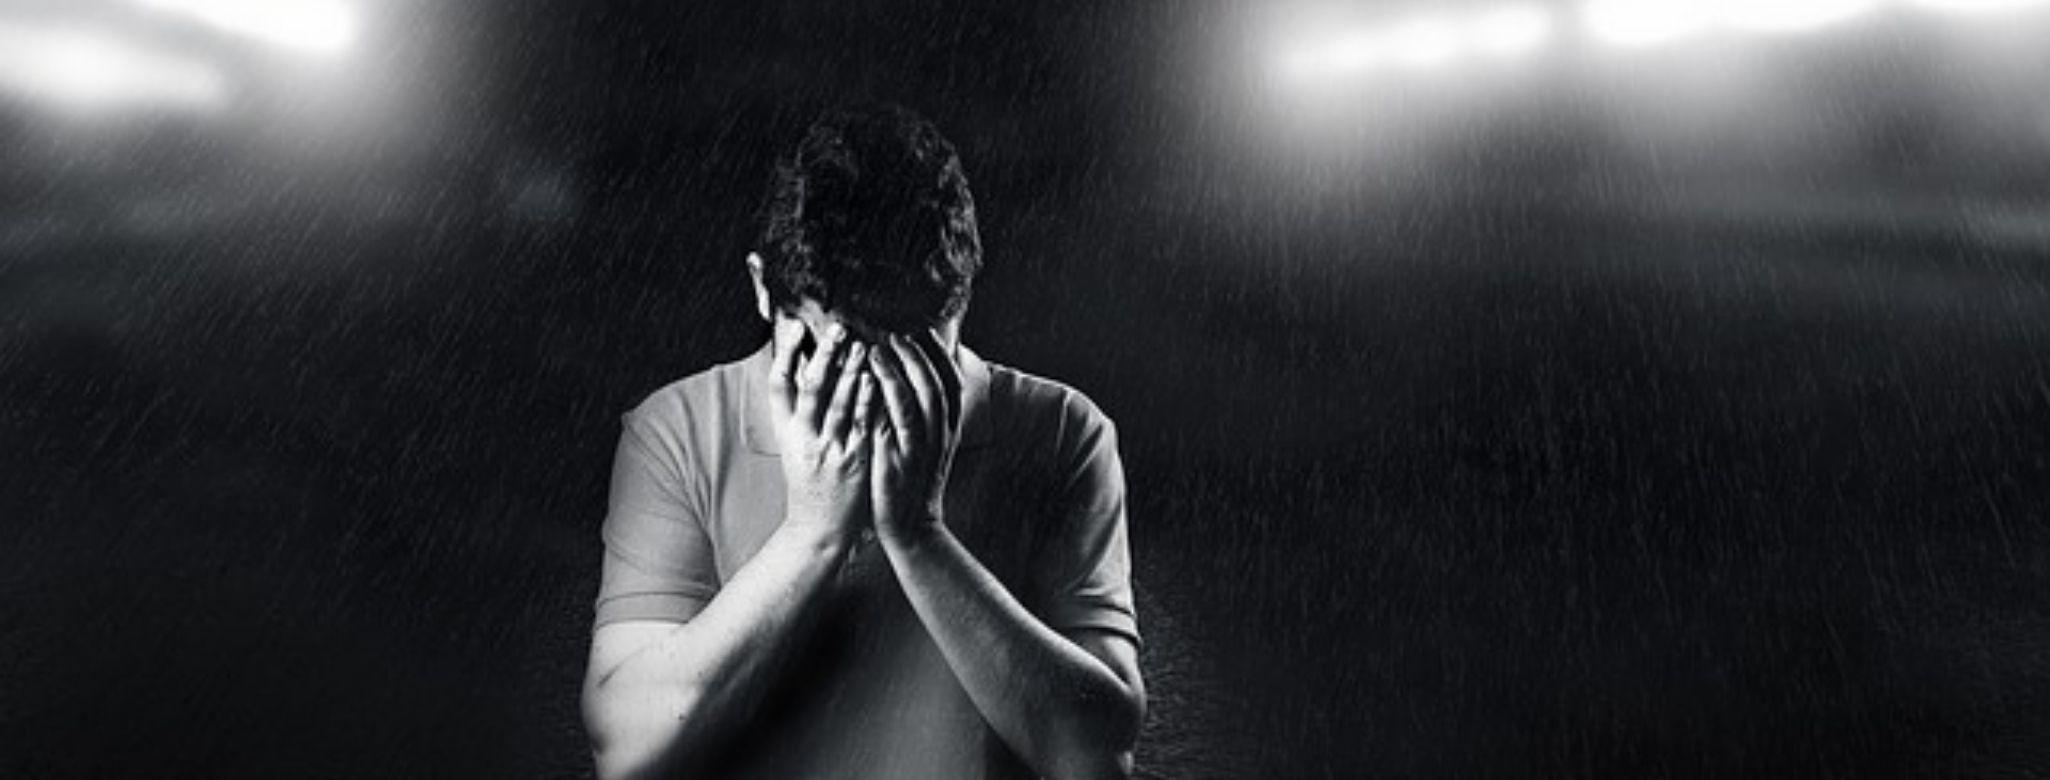 Il running: un aiuto contro stress e ansia